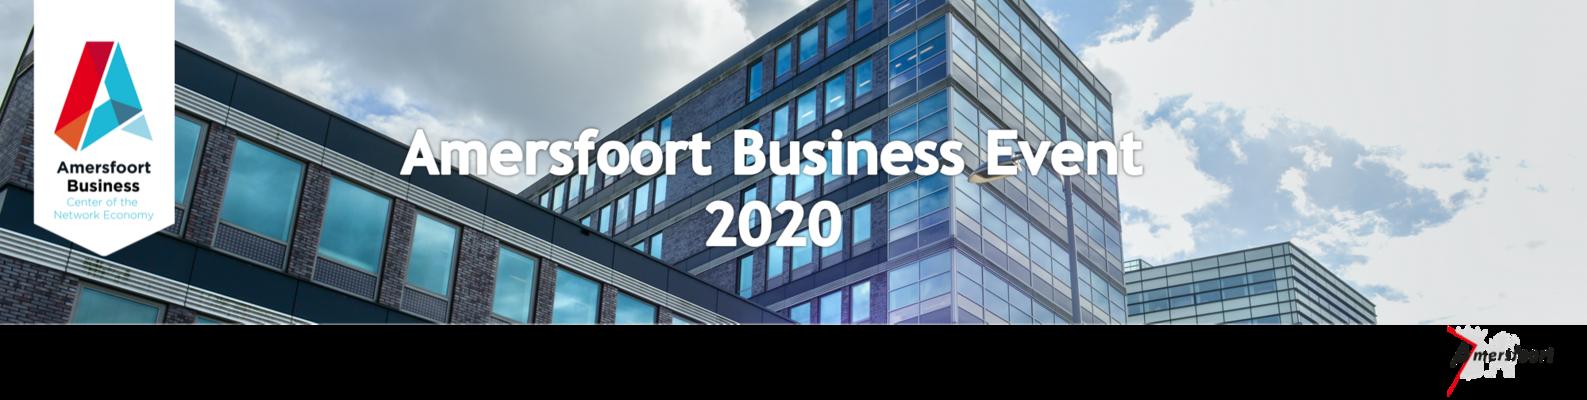 Amersfoort Business Event 2020- Ambassadeurs